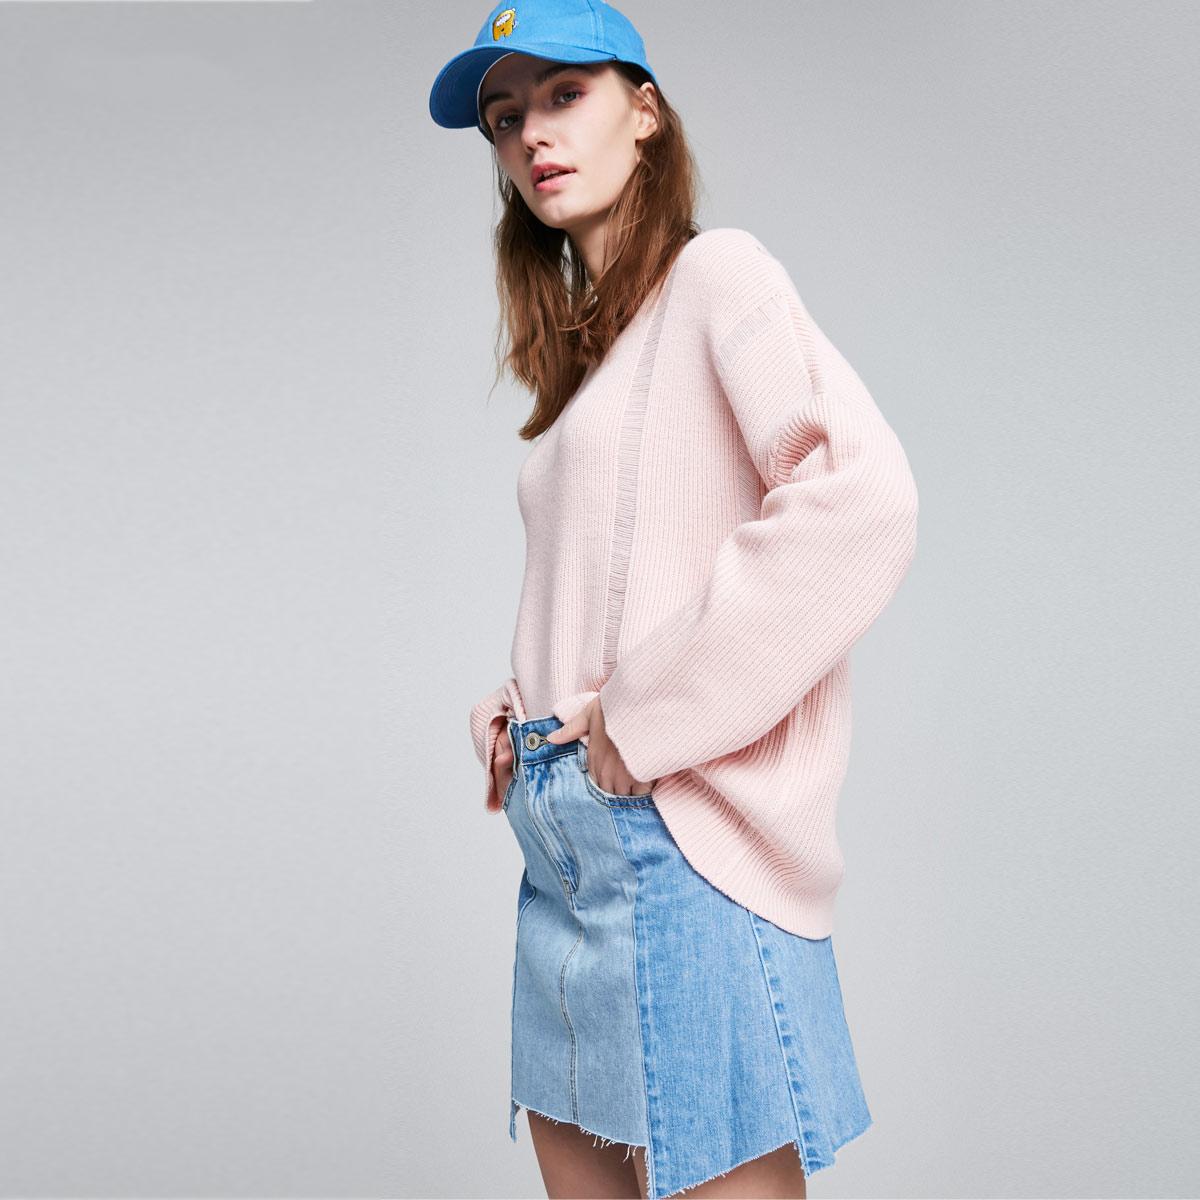 ONLY夏季新款宽松不规则底摆牛仔半身裙|117137502